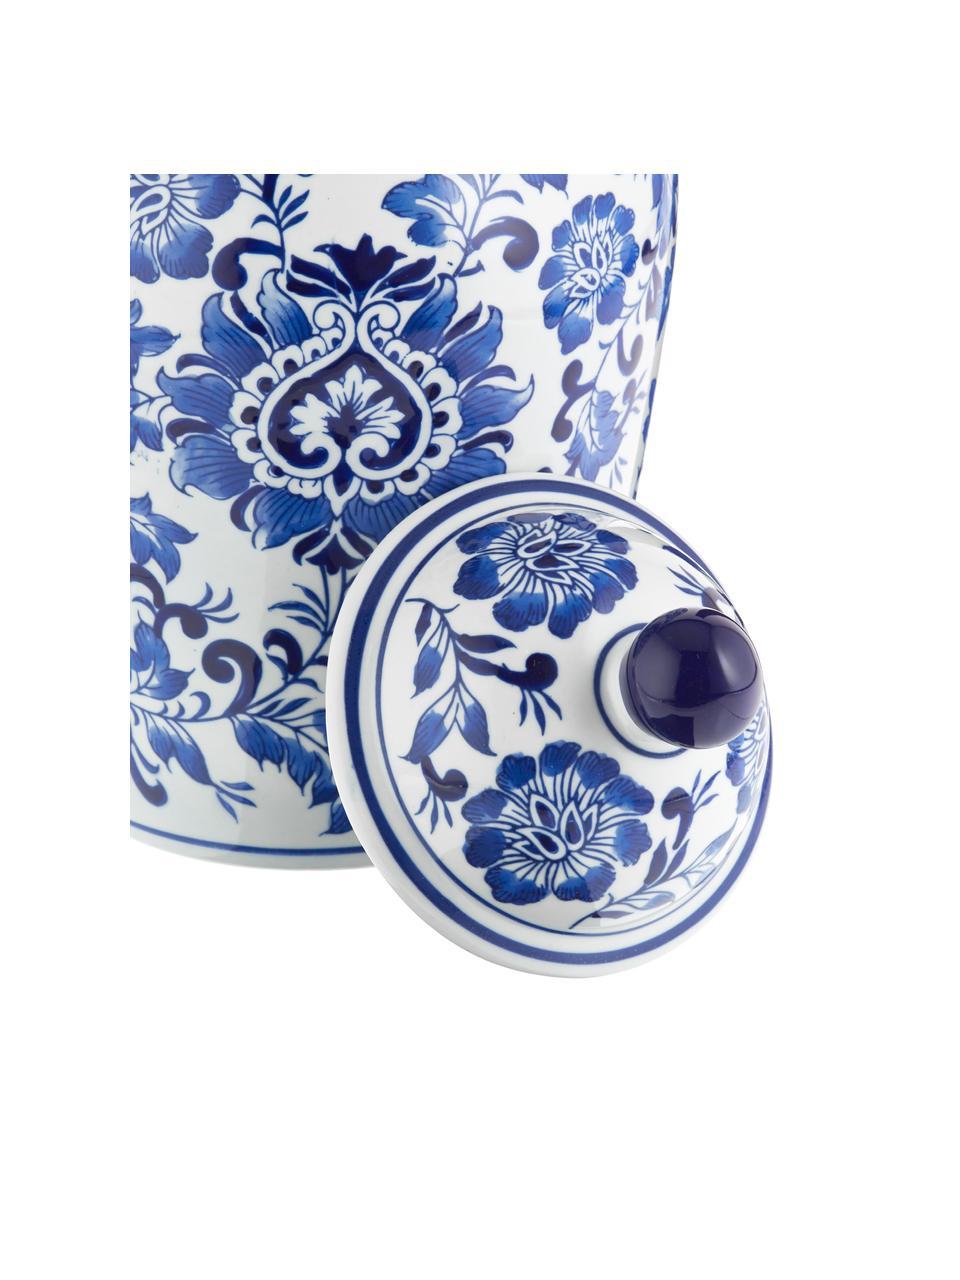 Velká porcelánová váza svíčkem Annabelle, Modrá, bílá